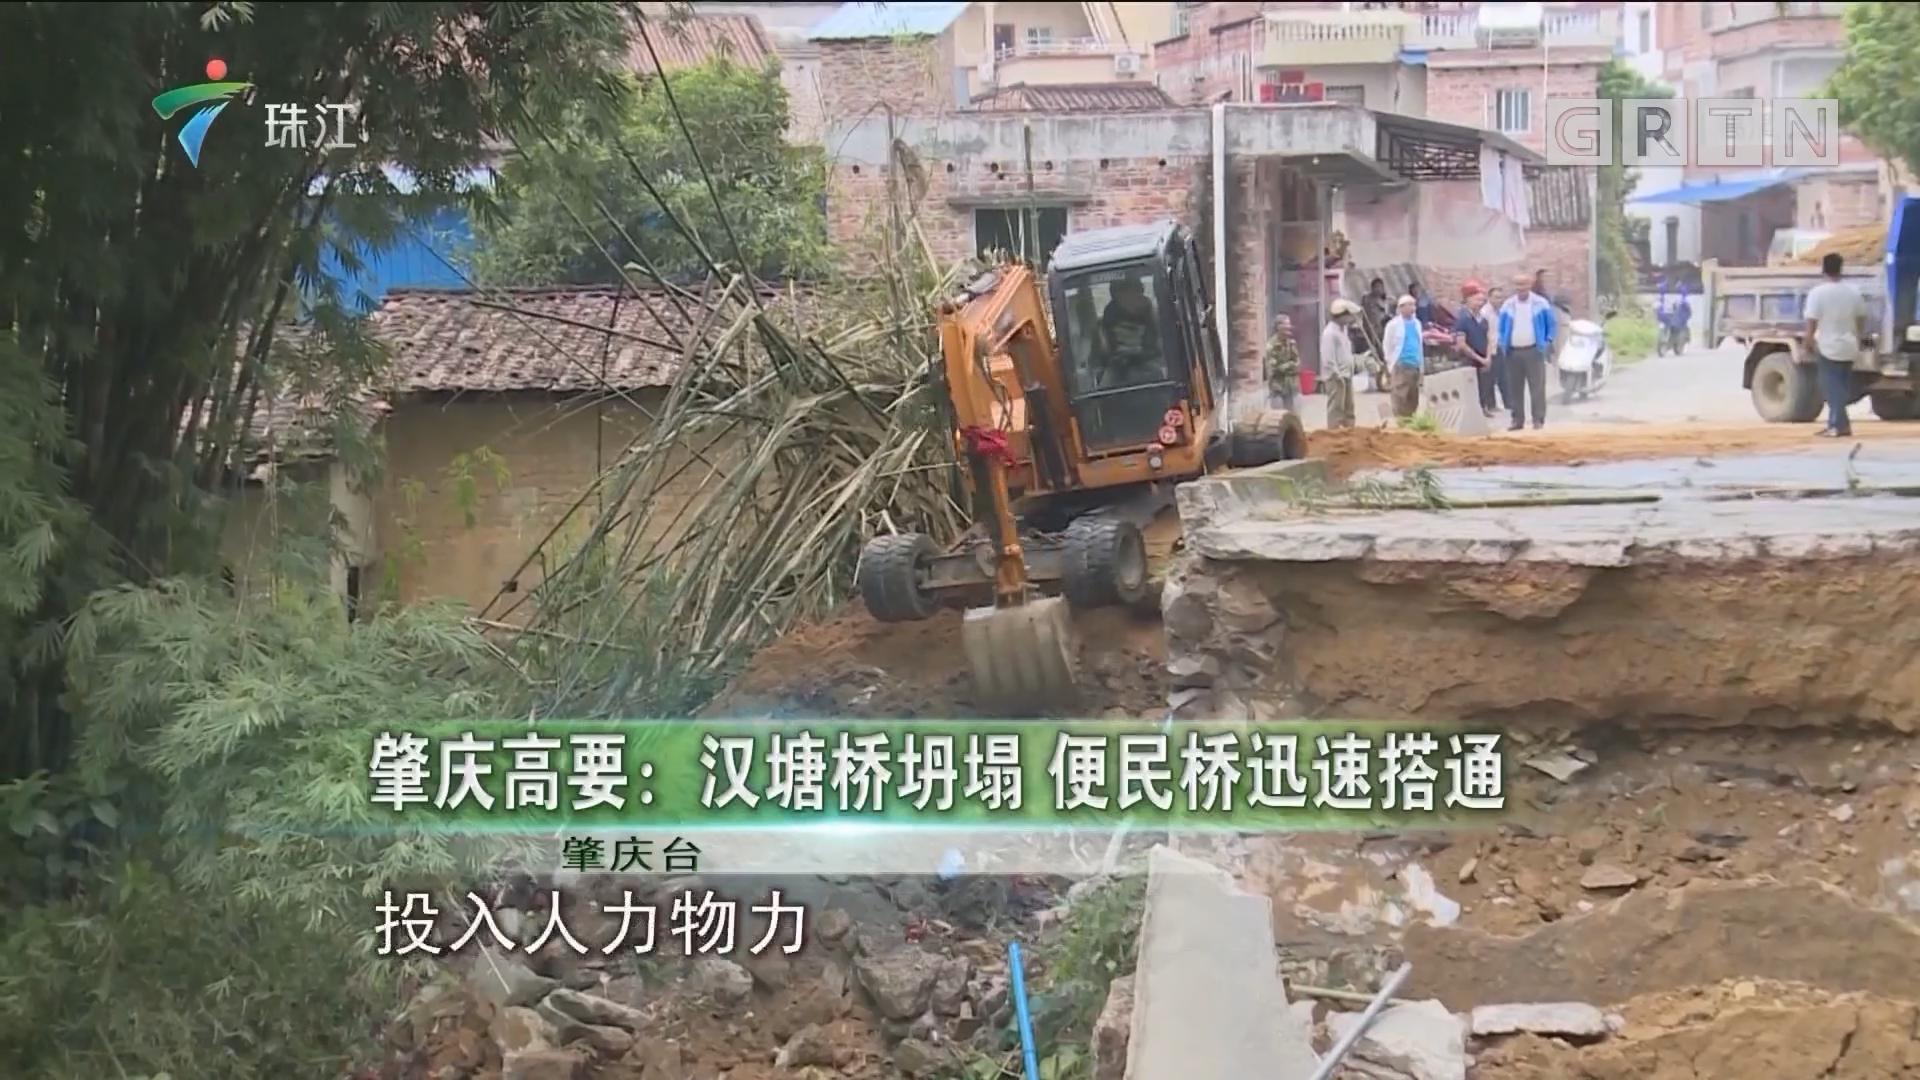 肇庆高要:汉塘桥坍塌 便民桥迅速搭通